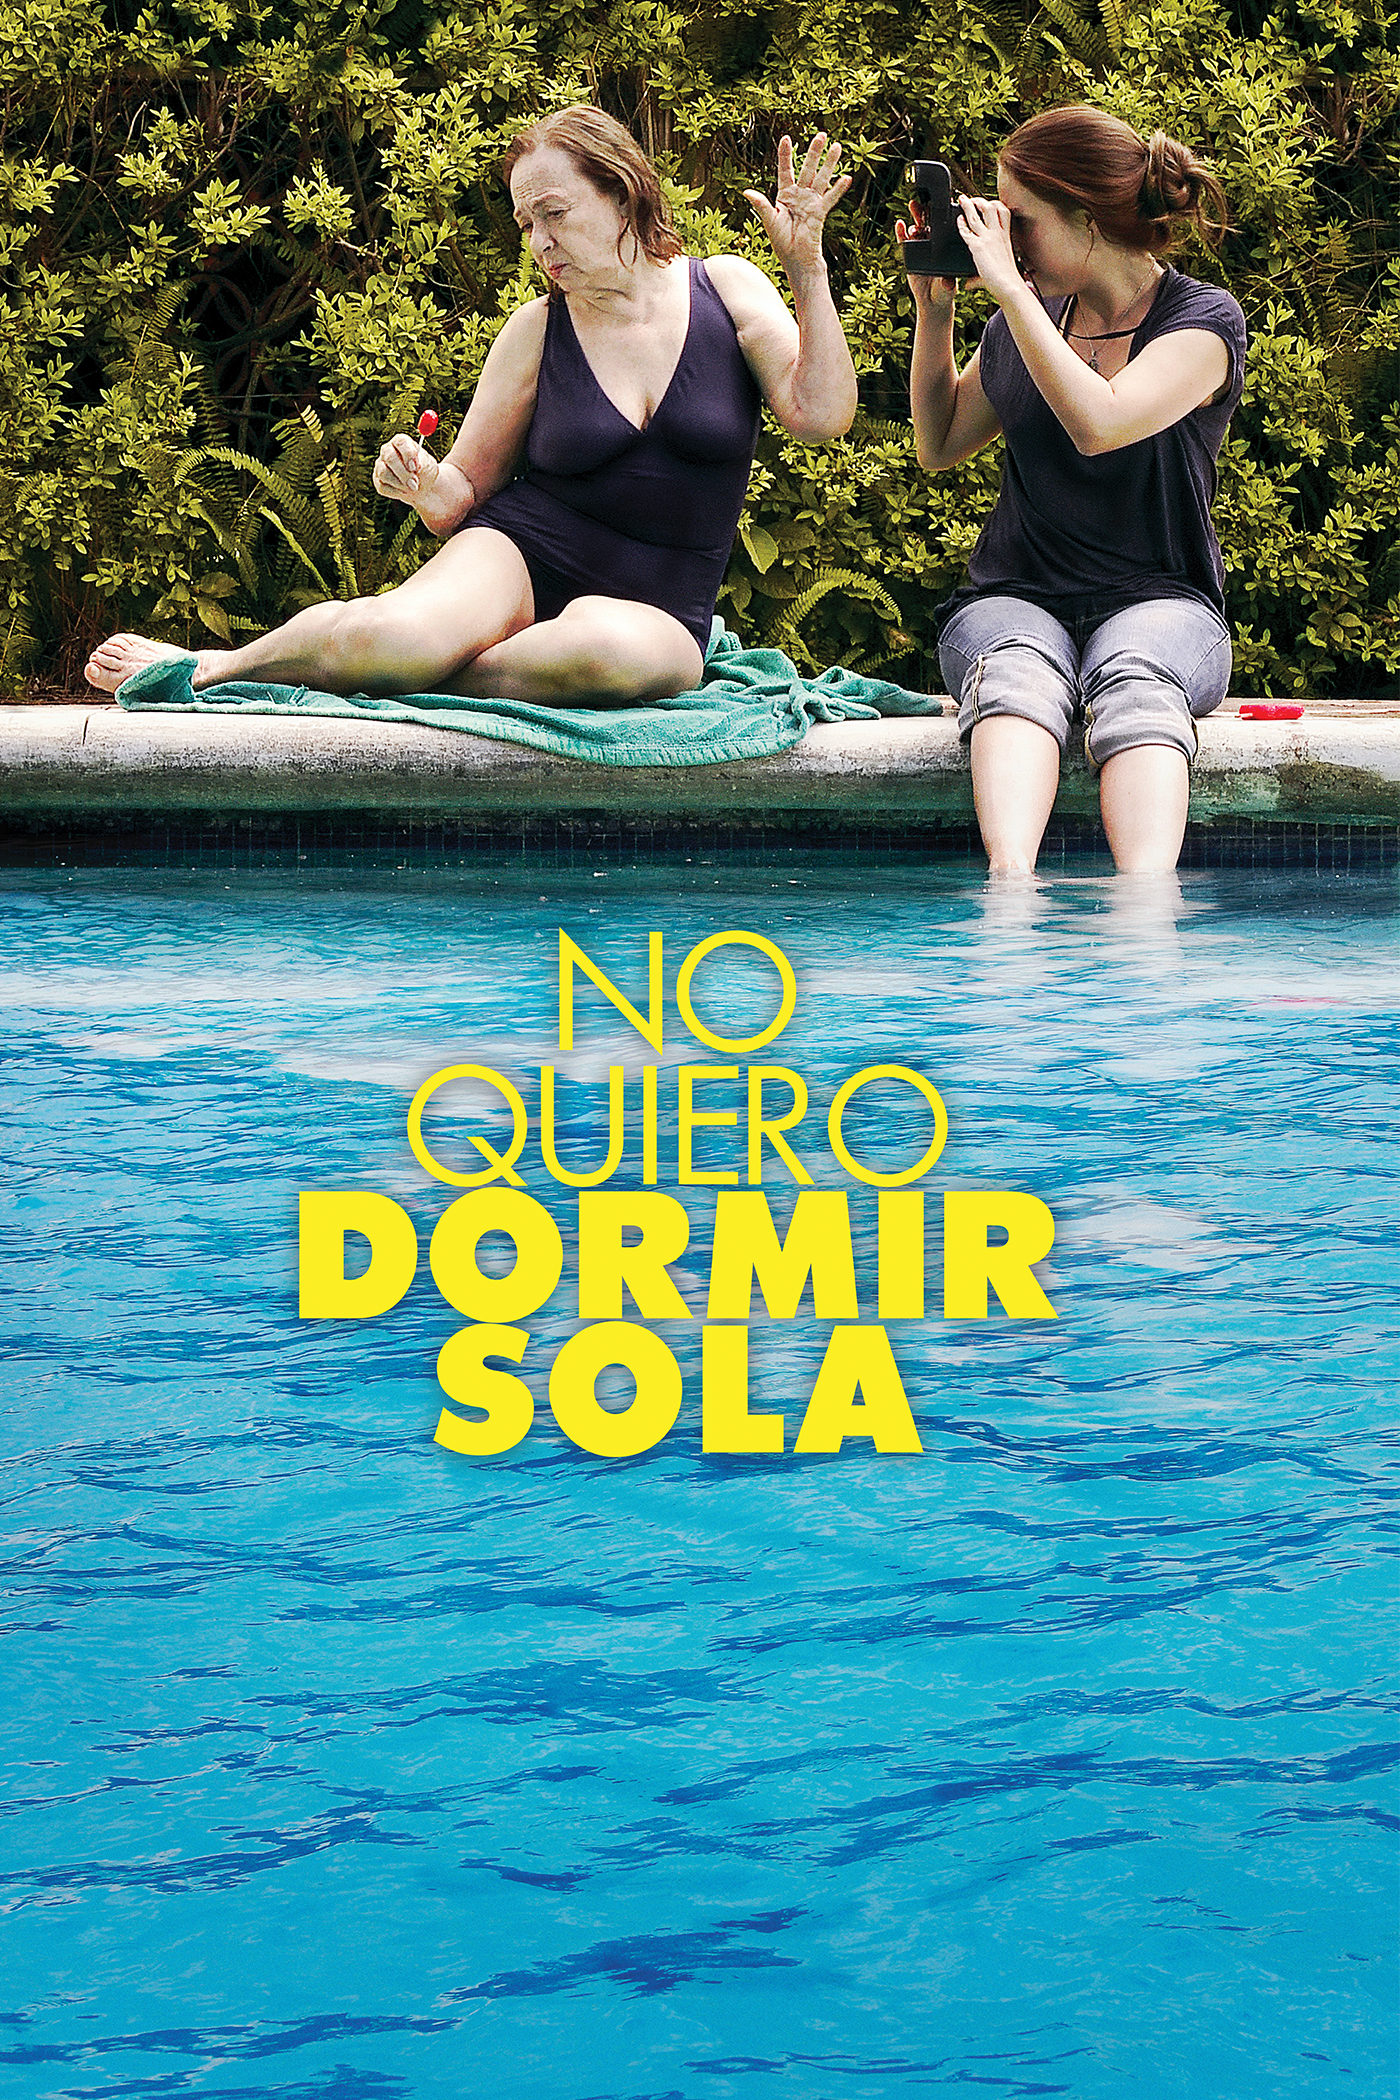 Poster No Quiero Dormir Sola.jpg